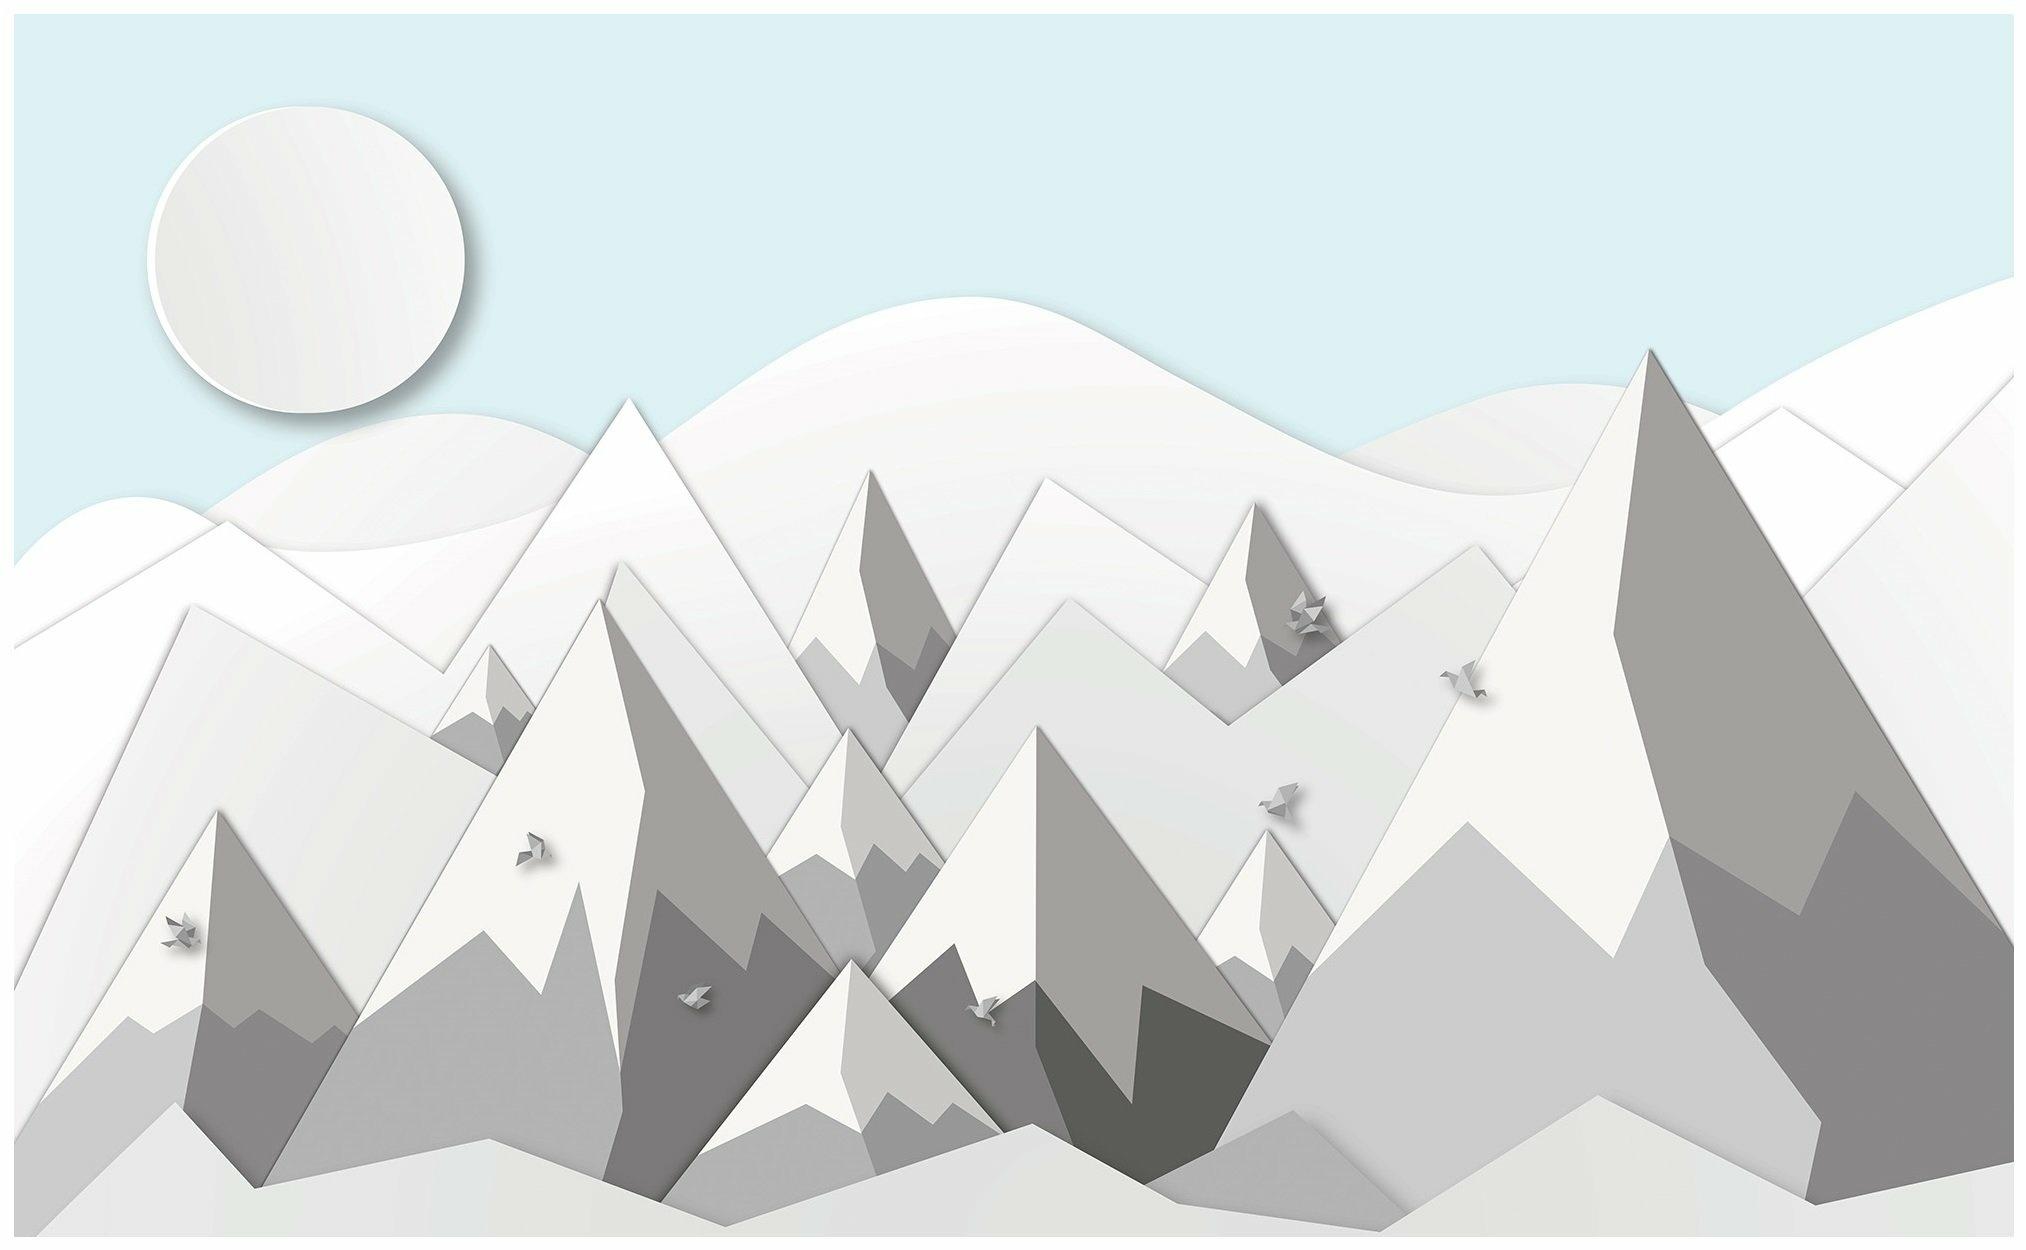 Fototapeta dla dzieci skandynawska góry